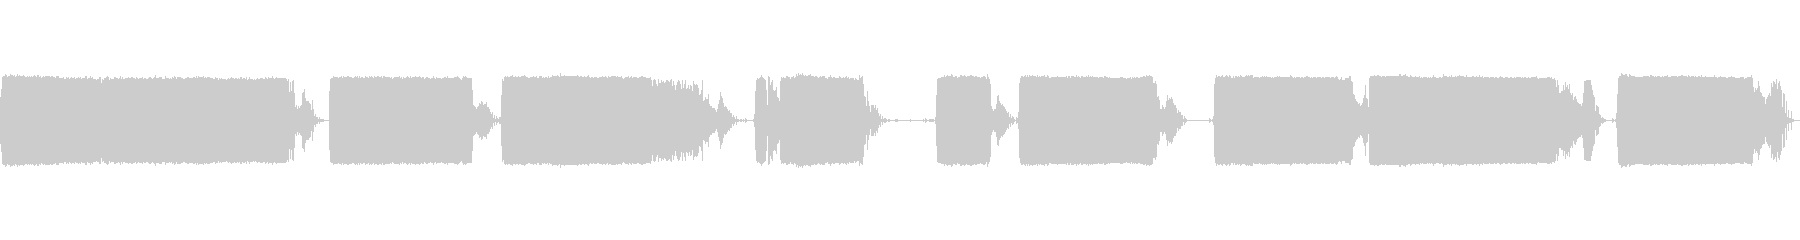 ロータリーハンマー:コンクリートブ...の未再生の波形